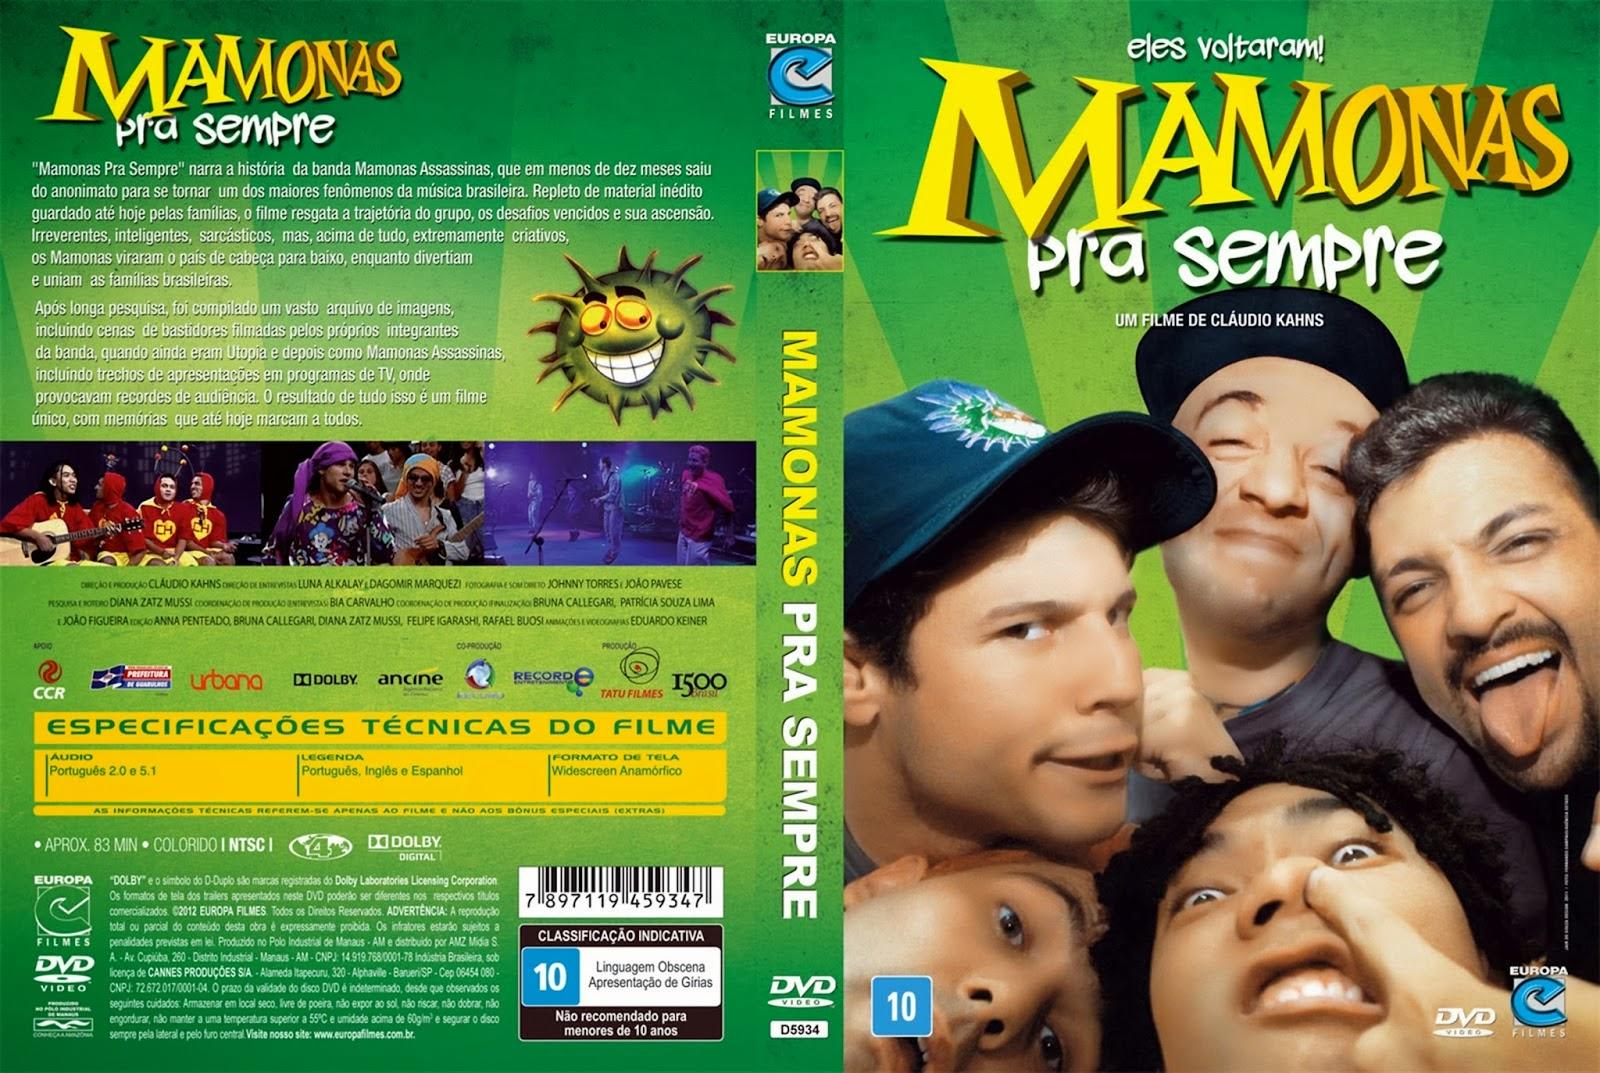 Mamonas Pra Sempre DVDRip XviD Nacional Mamonas Pra Sempre